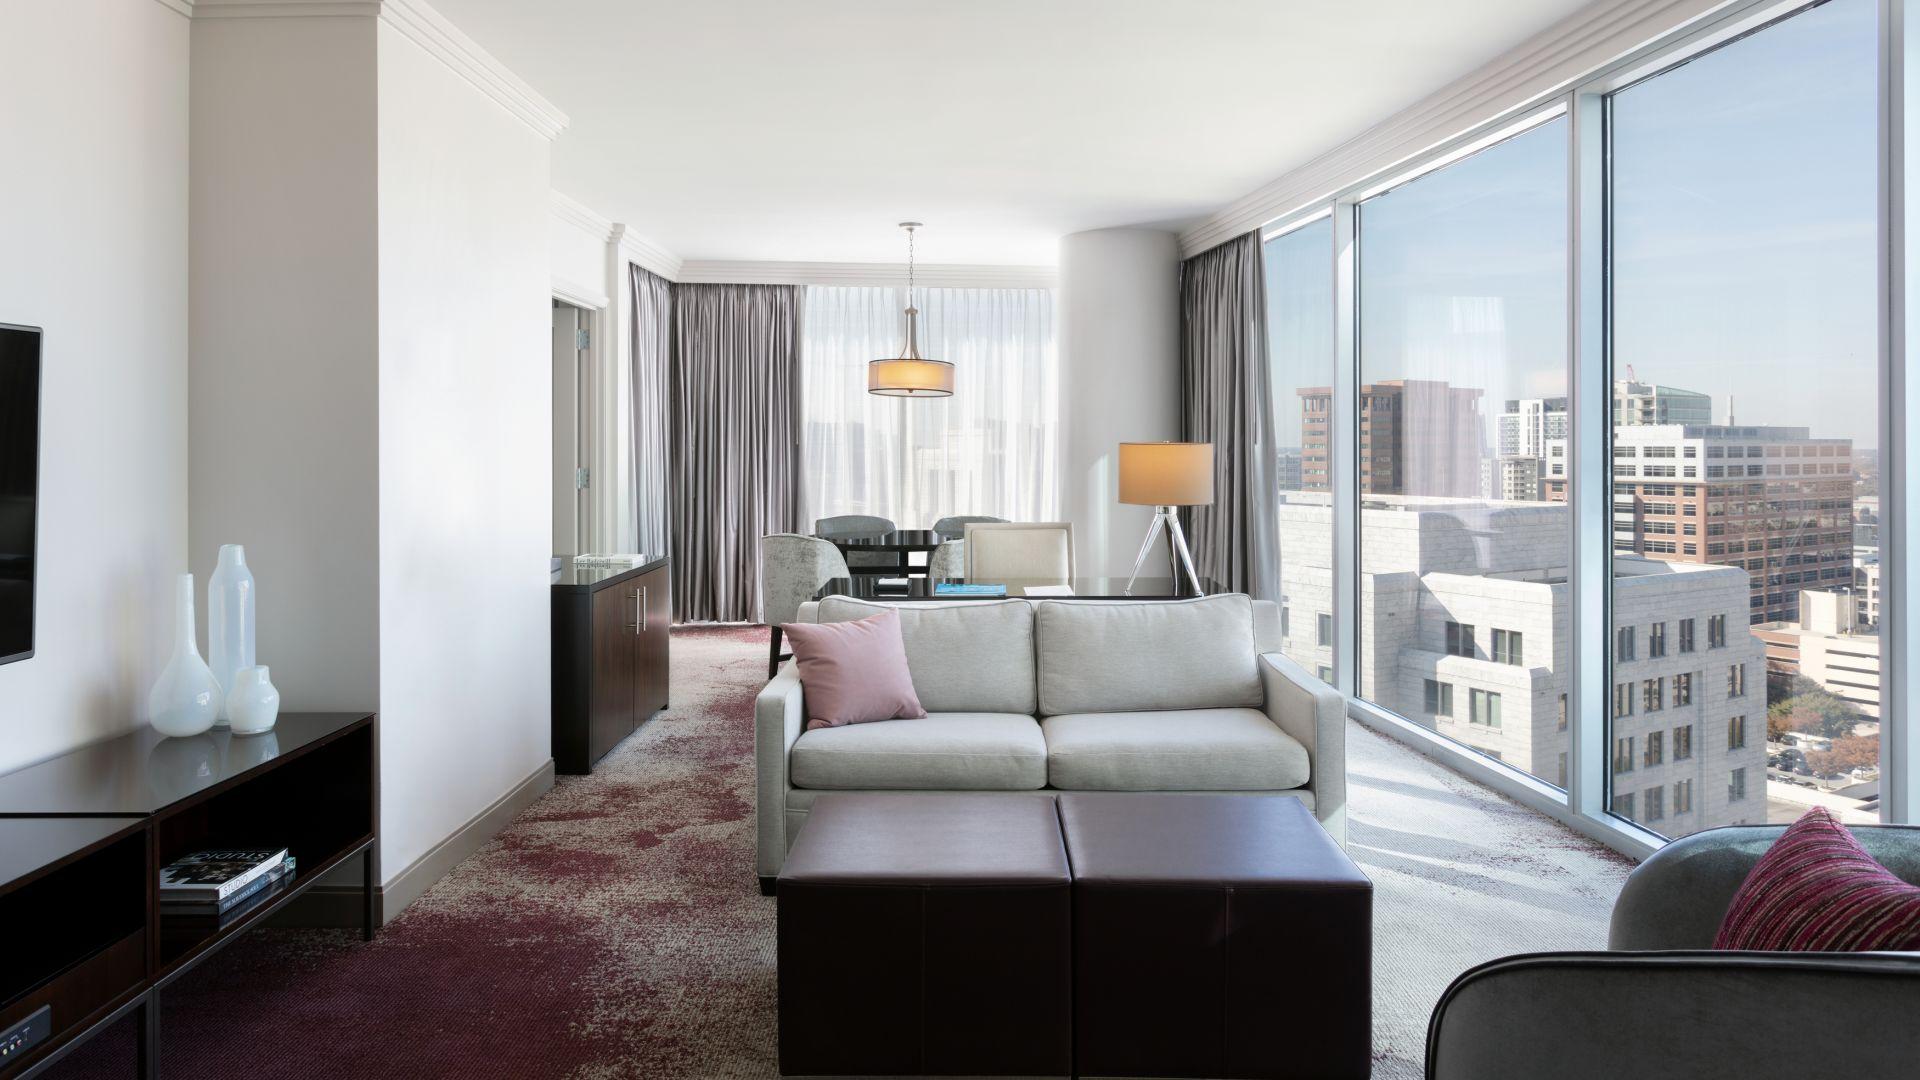 Sala de estar de la suite elegante de lujo